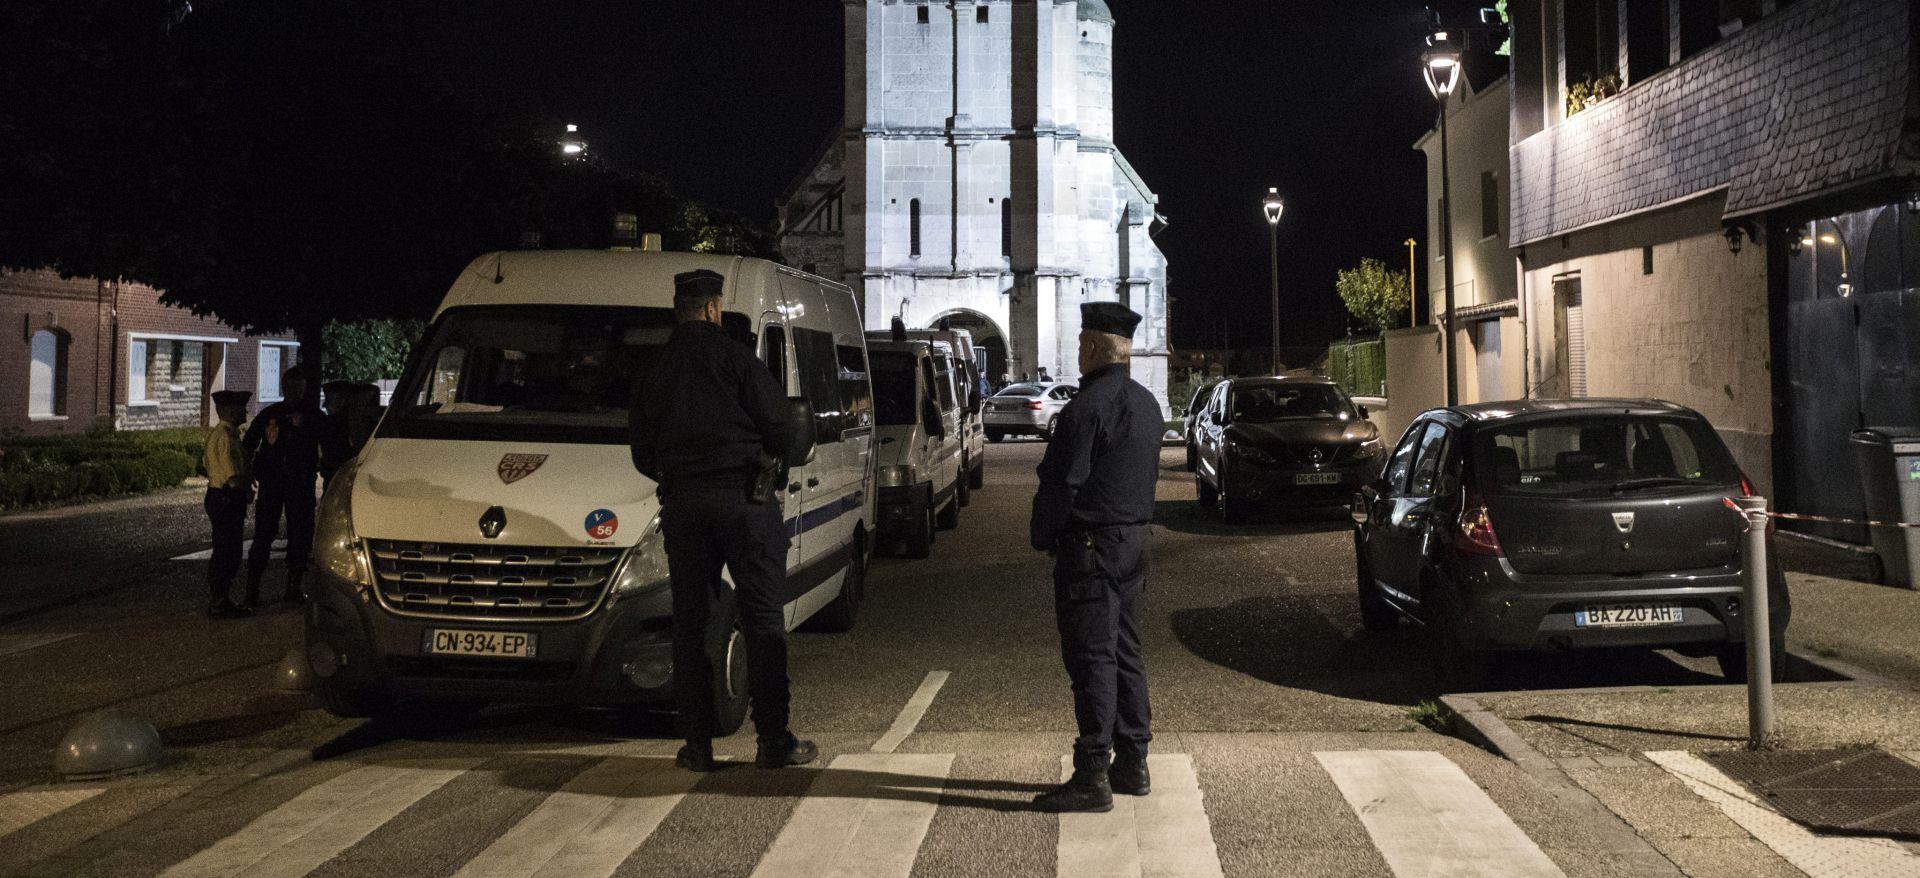 Francuski mediji podijeljeni oko toga treba li objavljivati imena i fotografije terorista